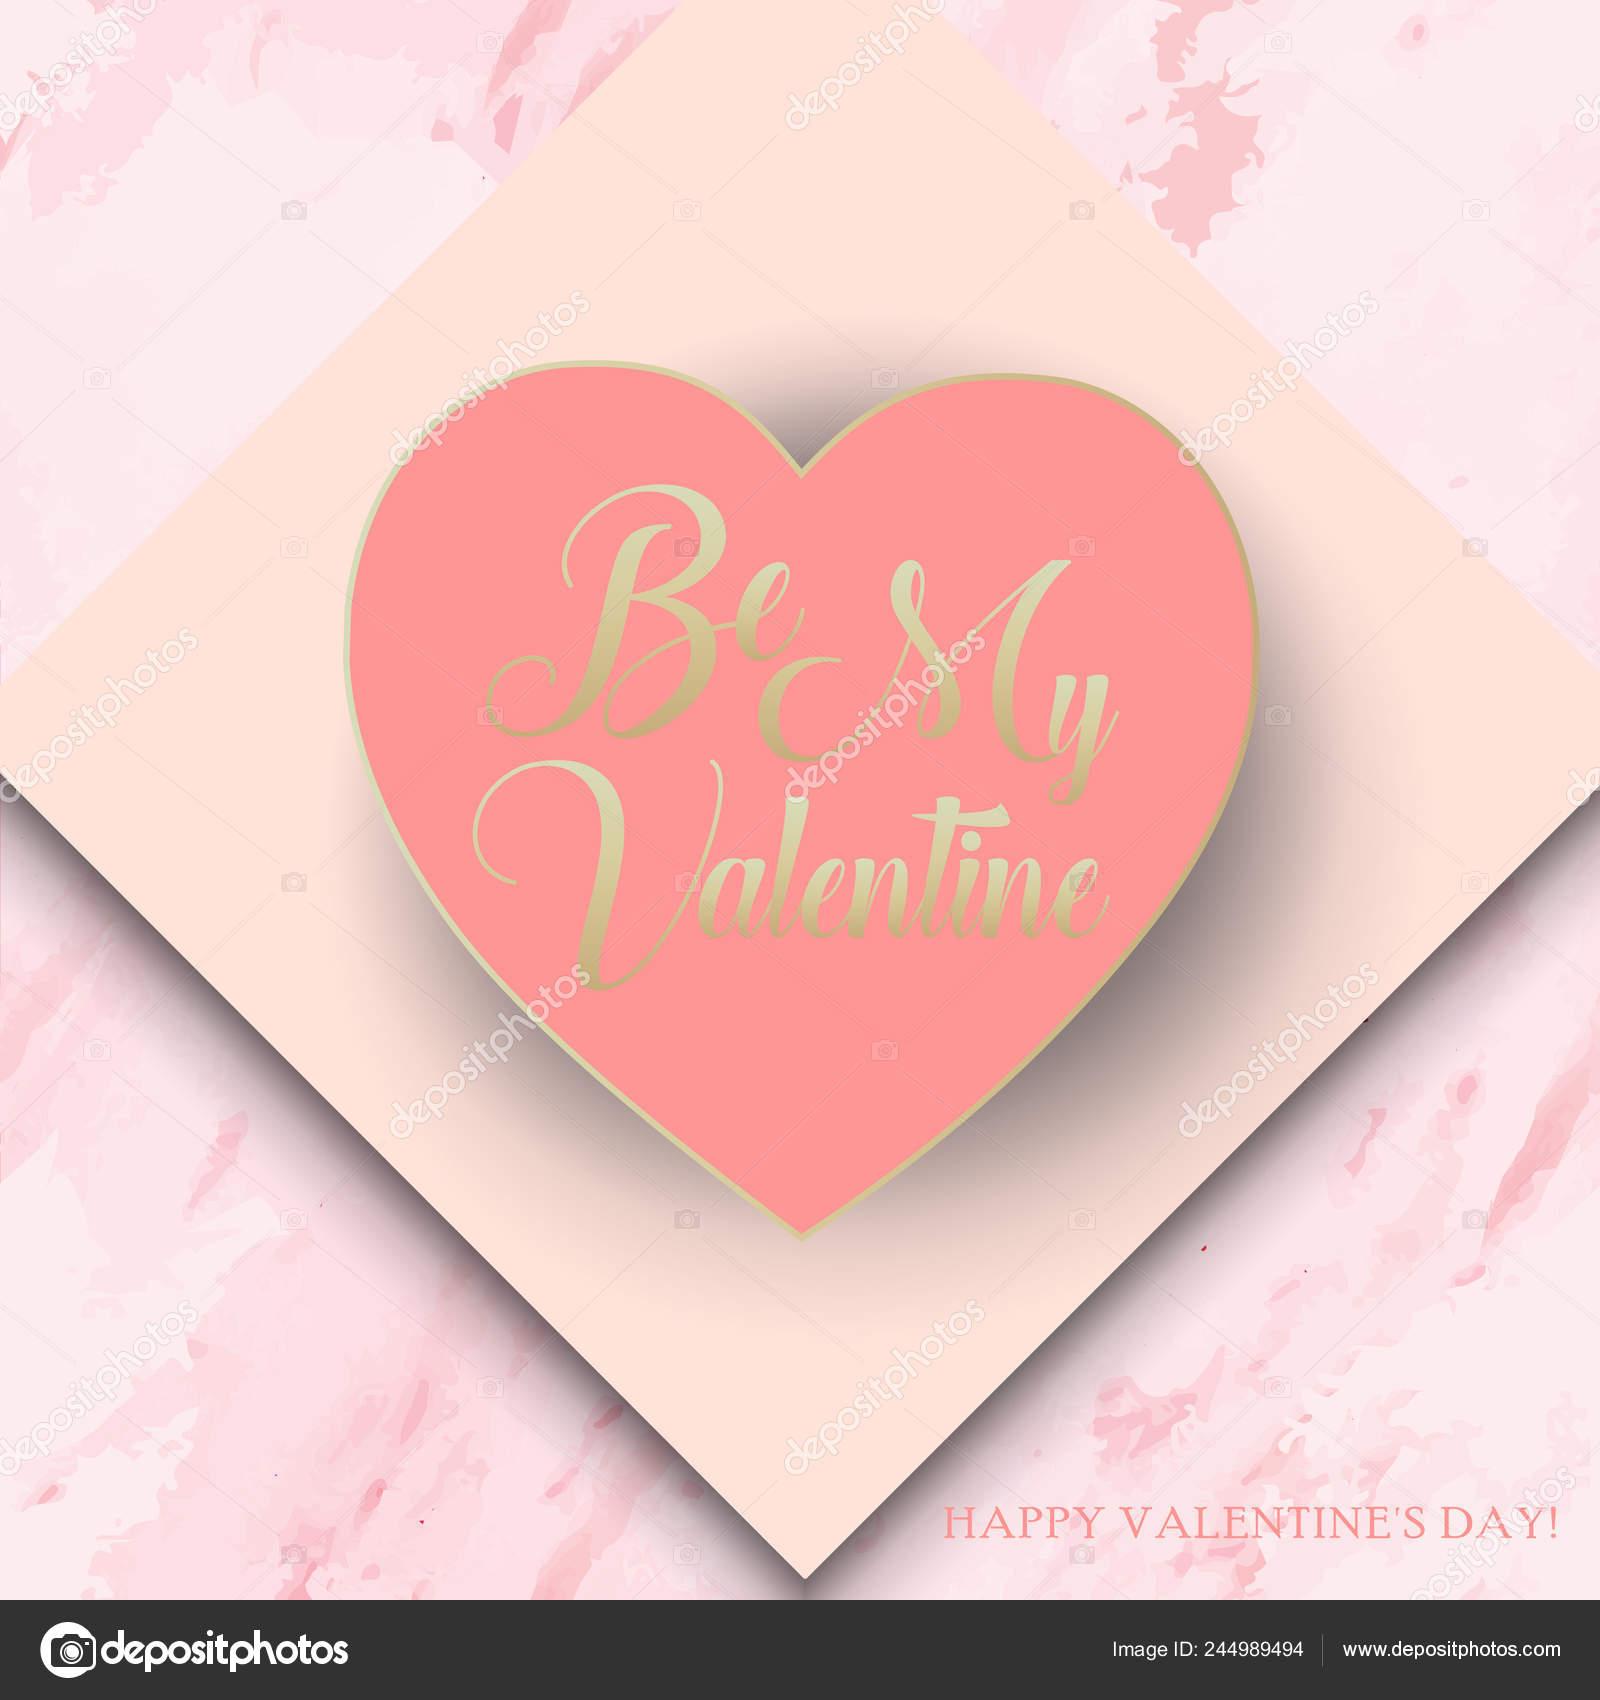 Auguri Matrimonio Amici : Essere mio san valentino giorno moderno astratto poster paper art